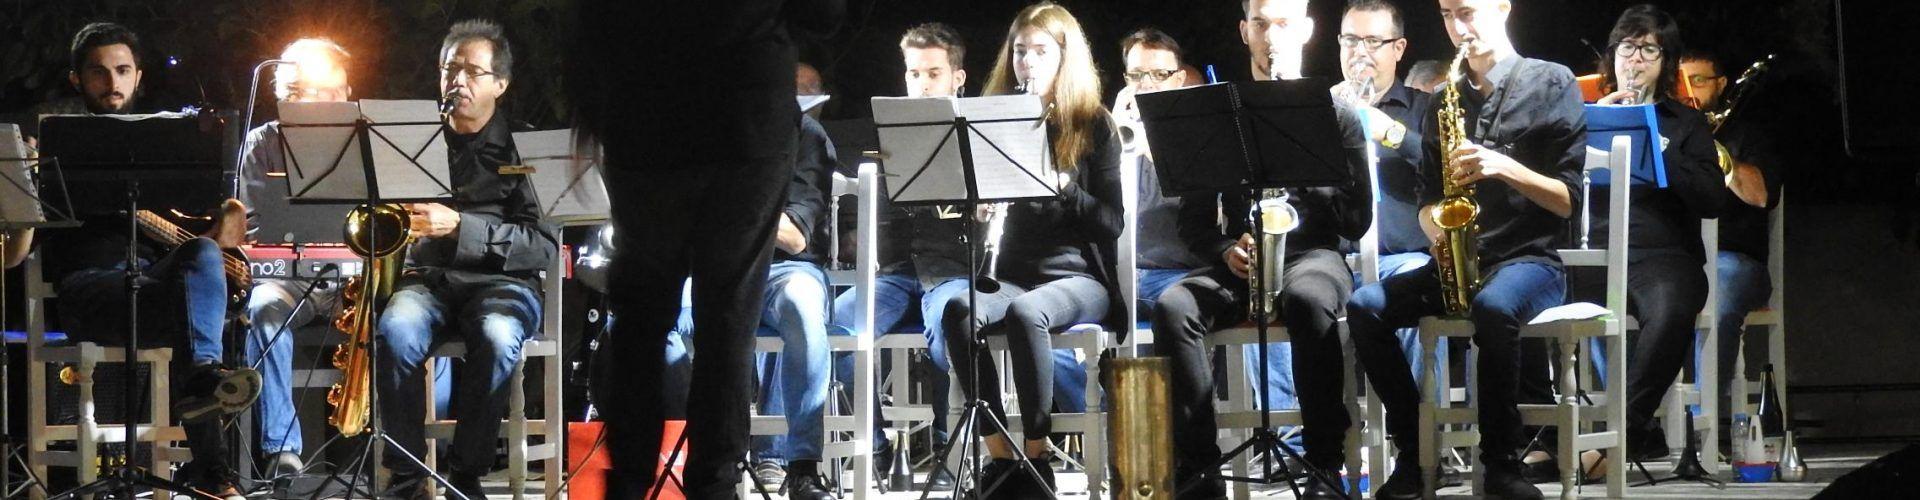 La Big Band d'Alcanar, a Vinaròs, en vídeos